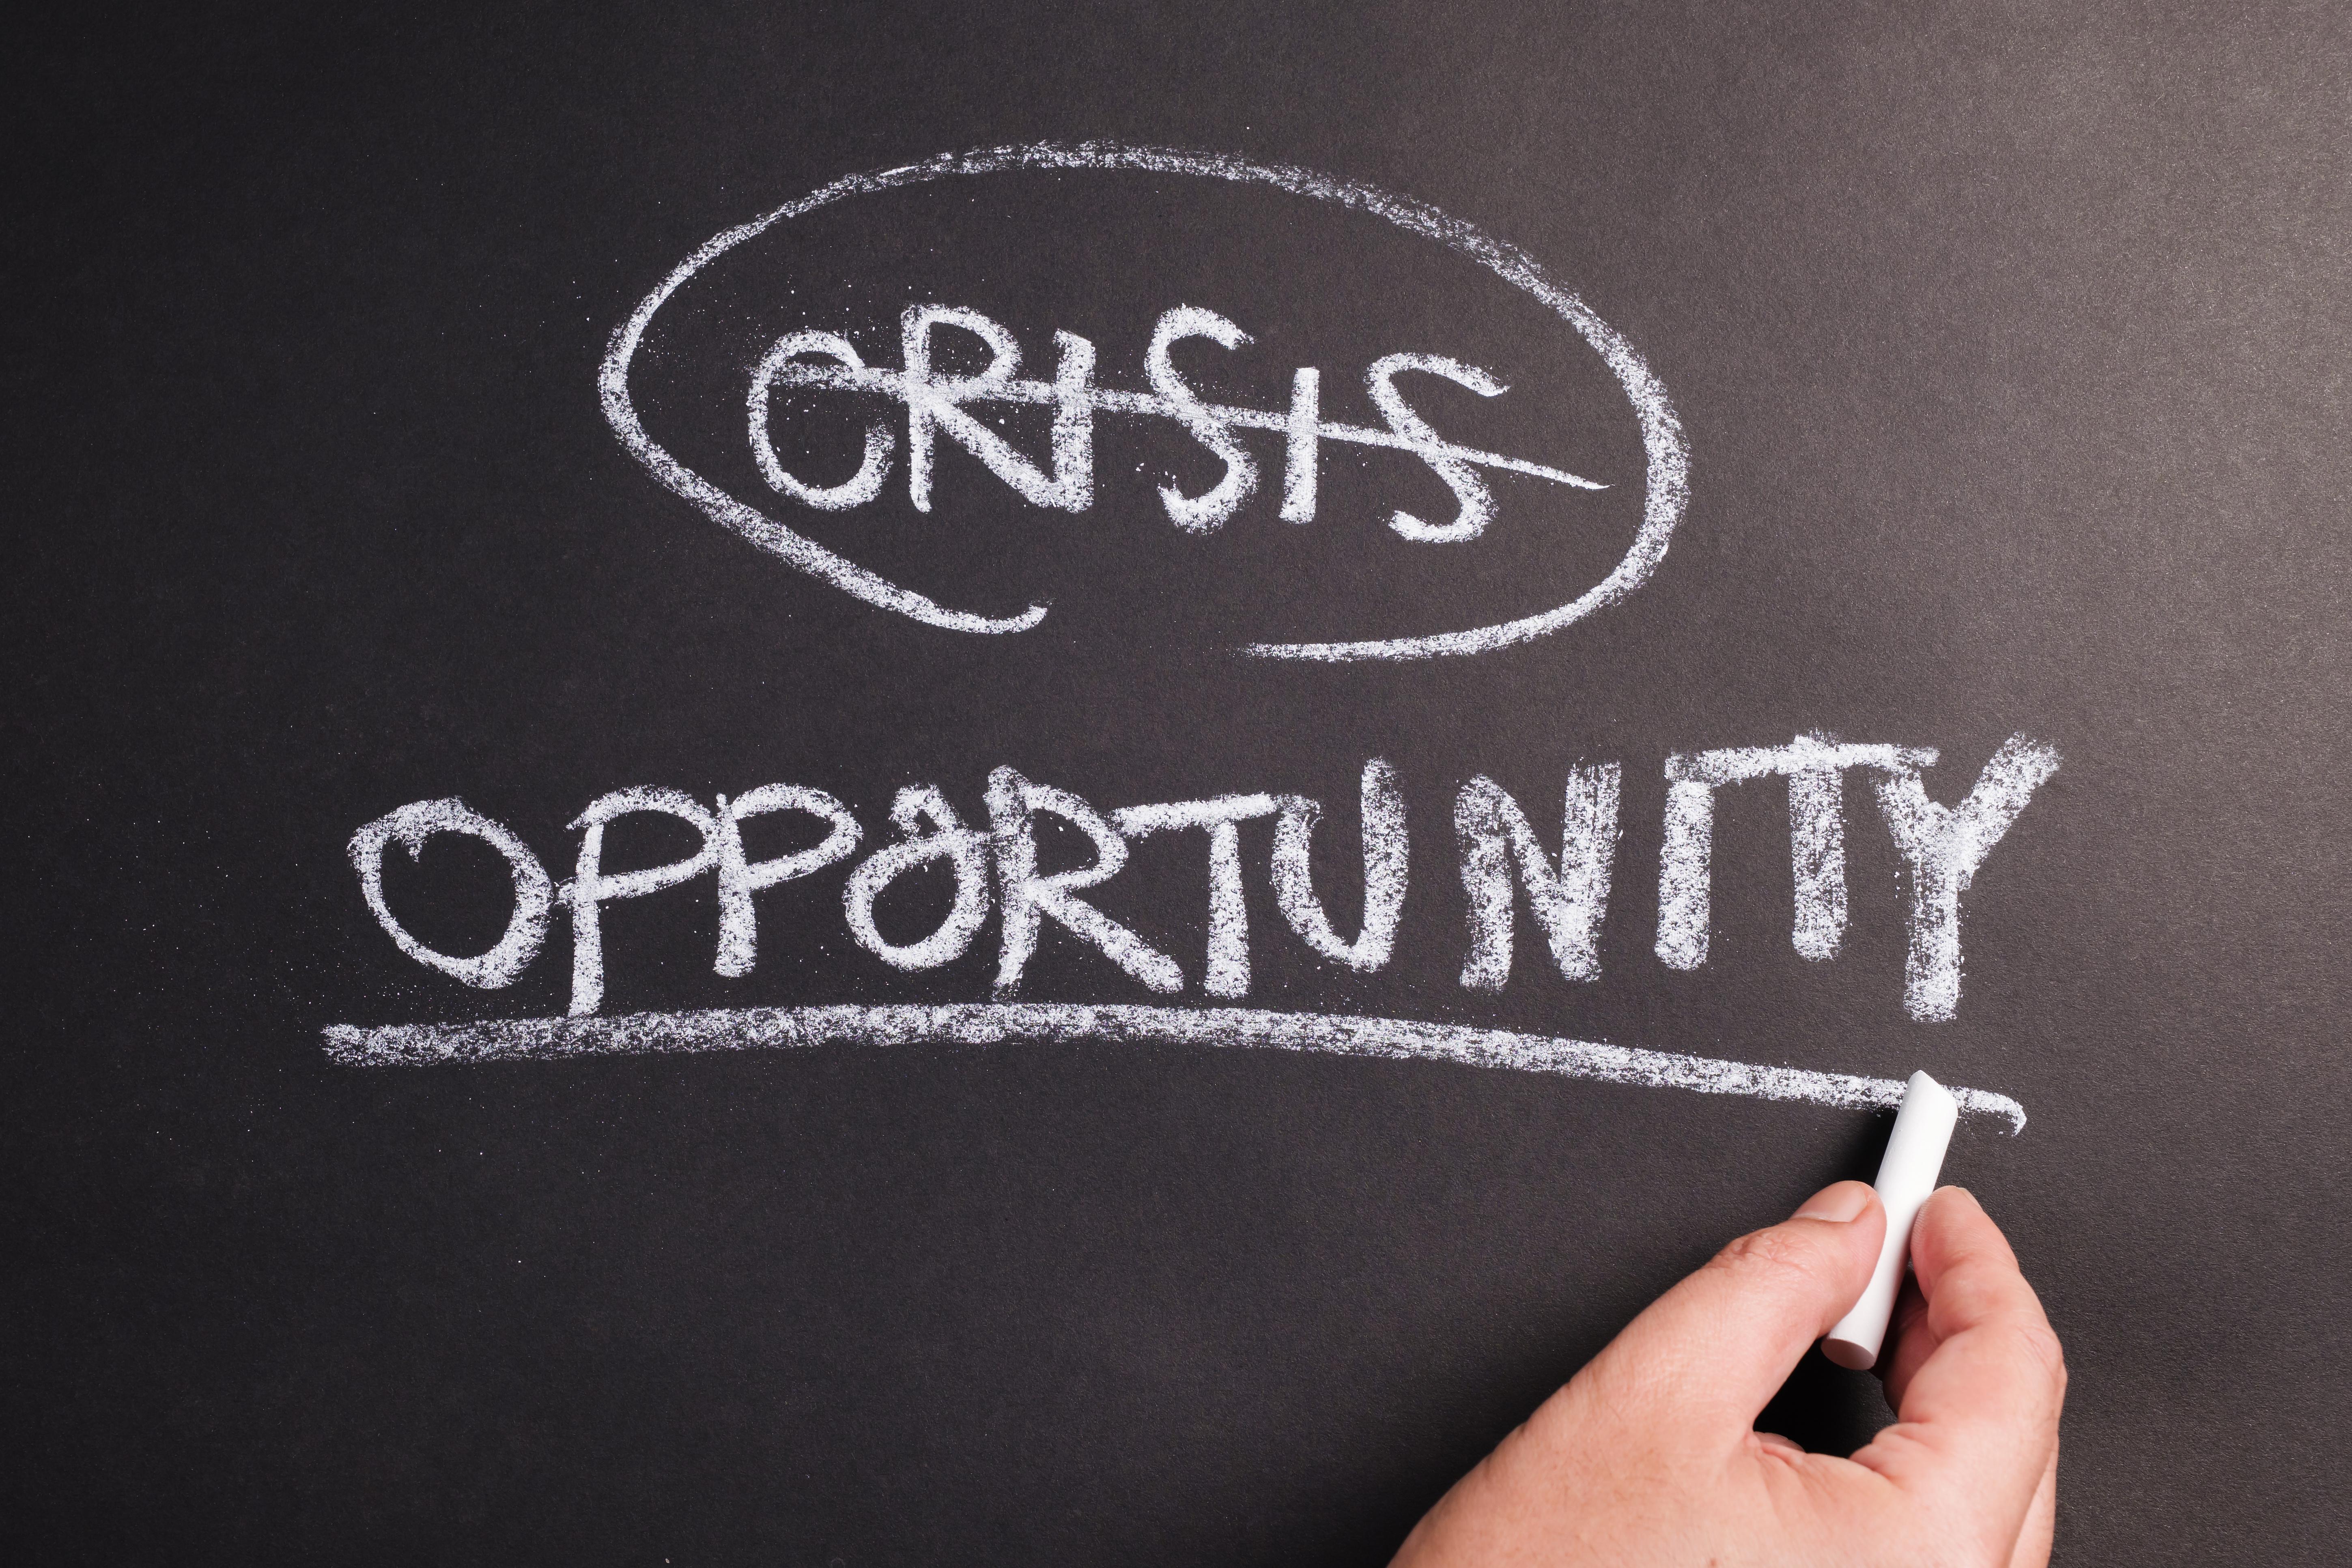 kansen in crisistijd